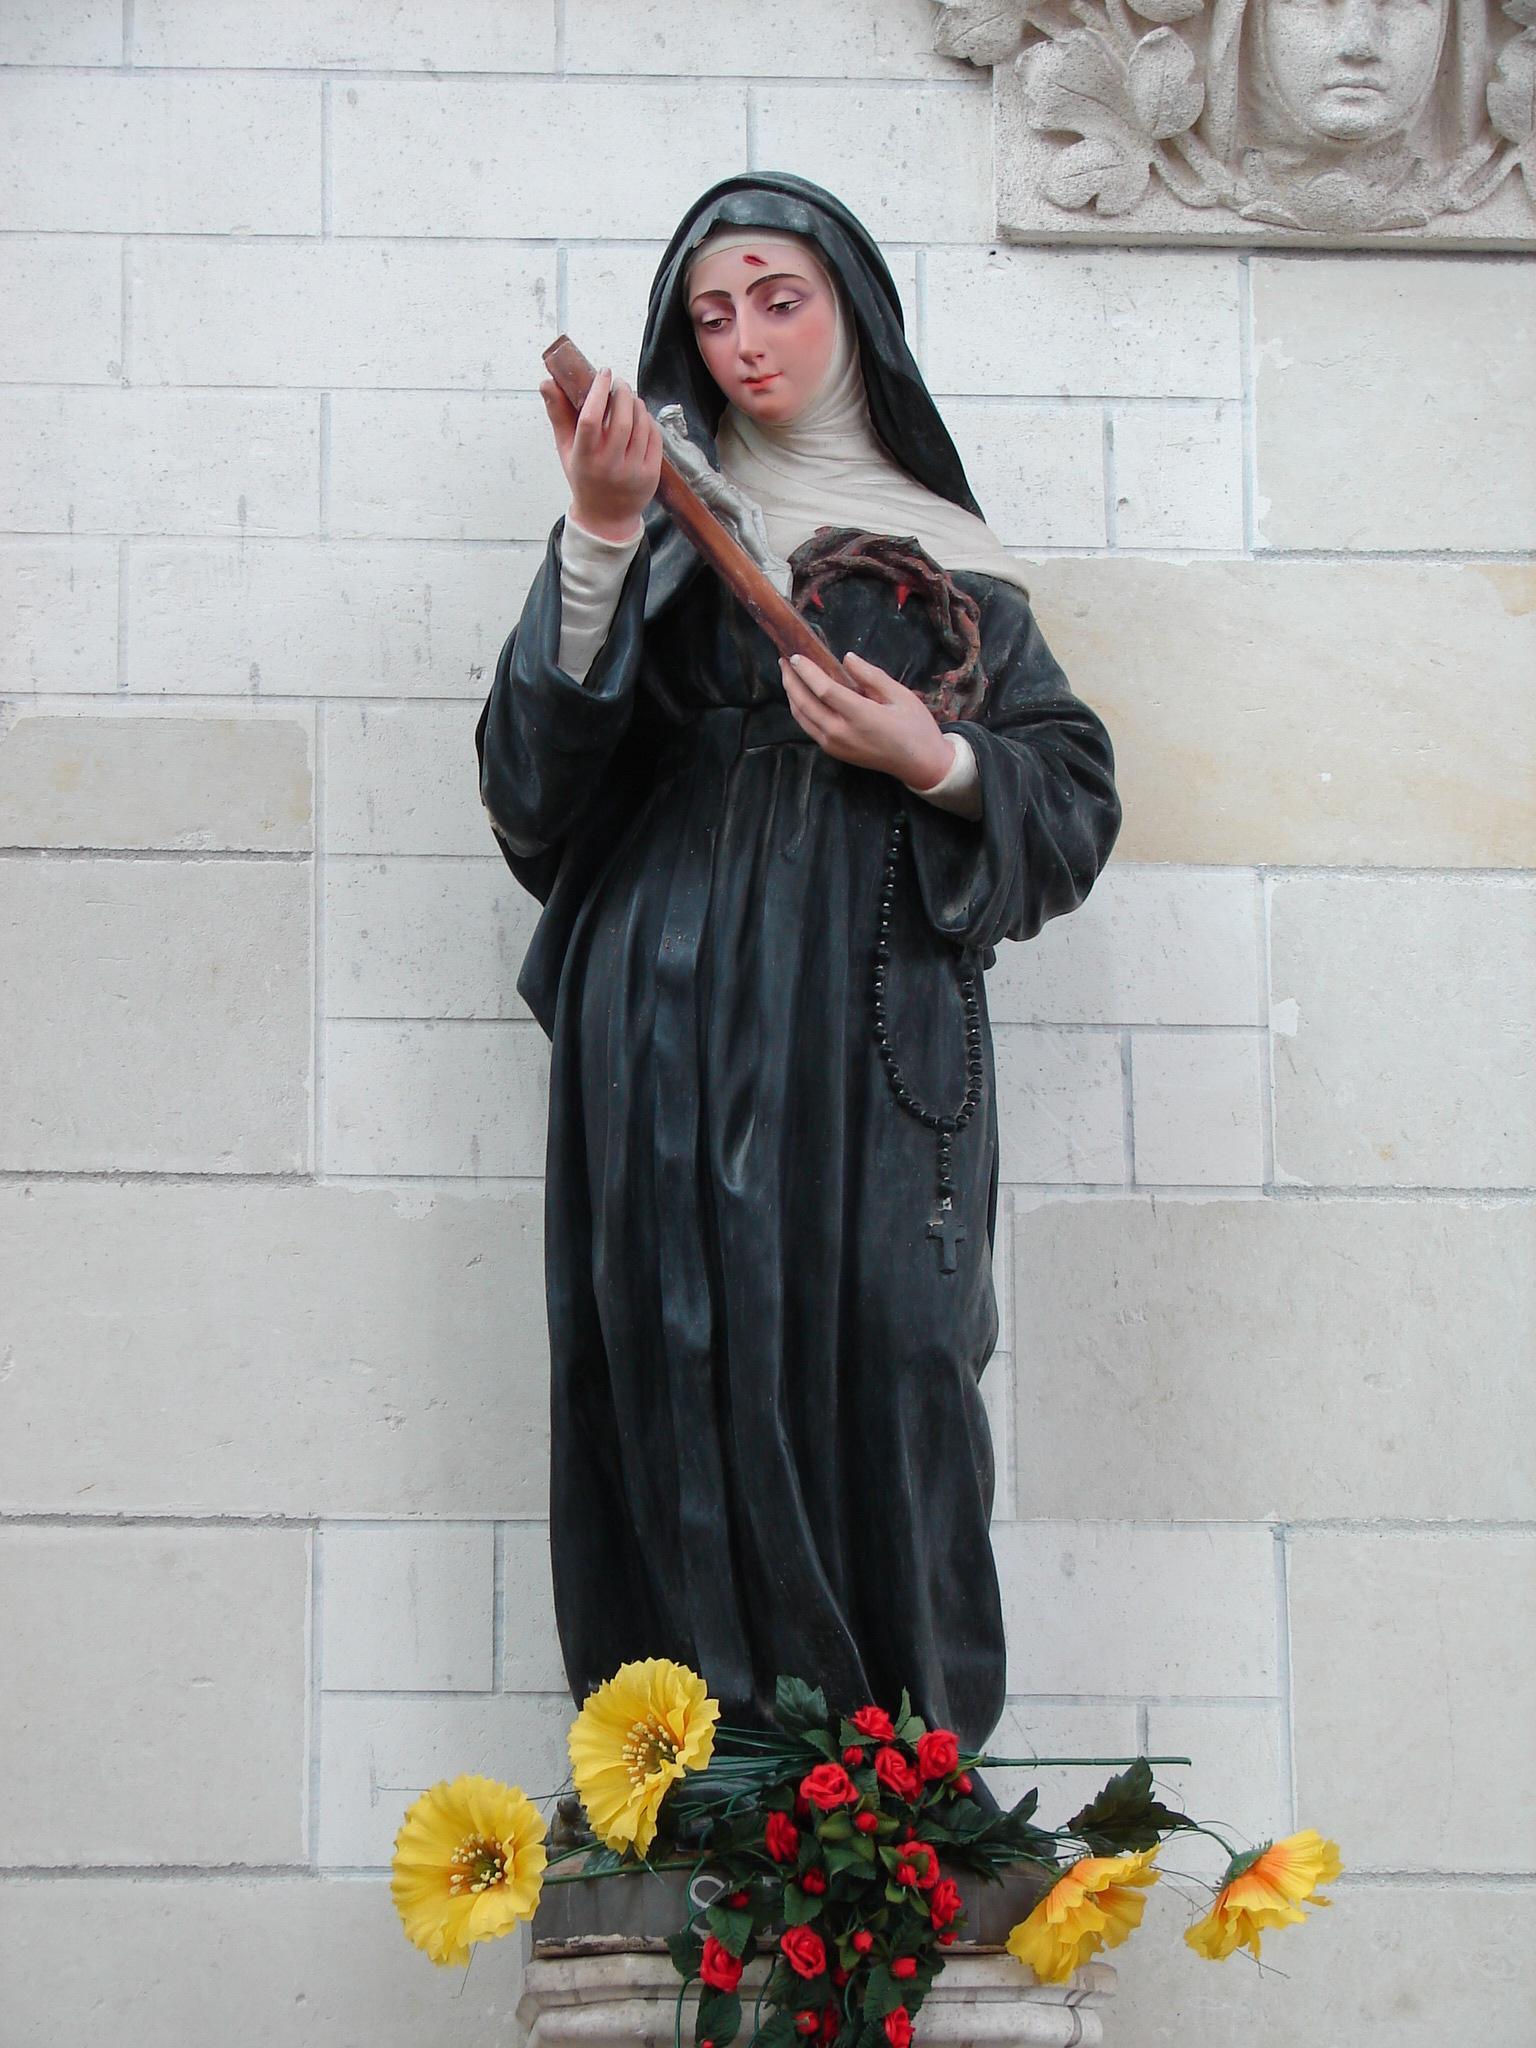 CALENDRIER CATHOLIQUE 2020 (Cantiques, Prières & Images) - Page 15 Ste-rita-5626687